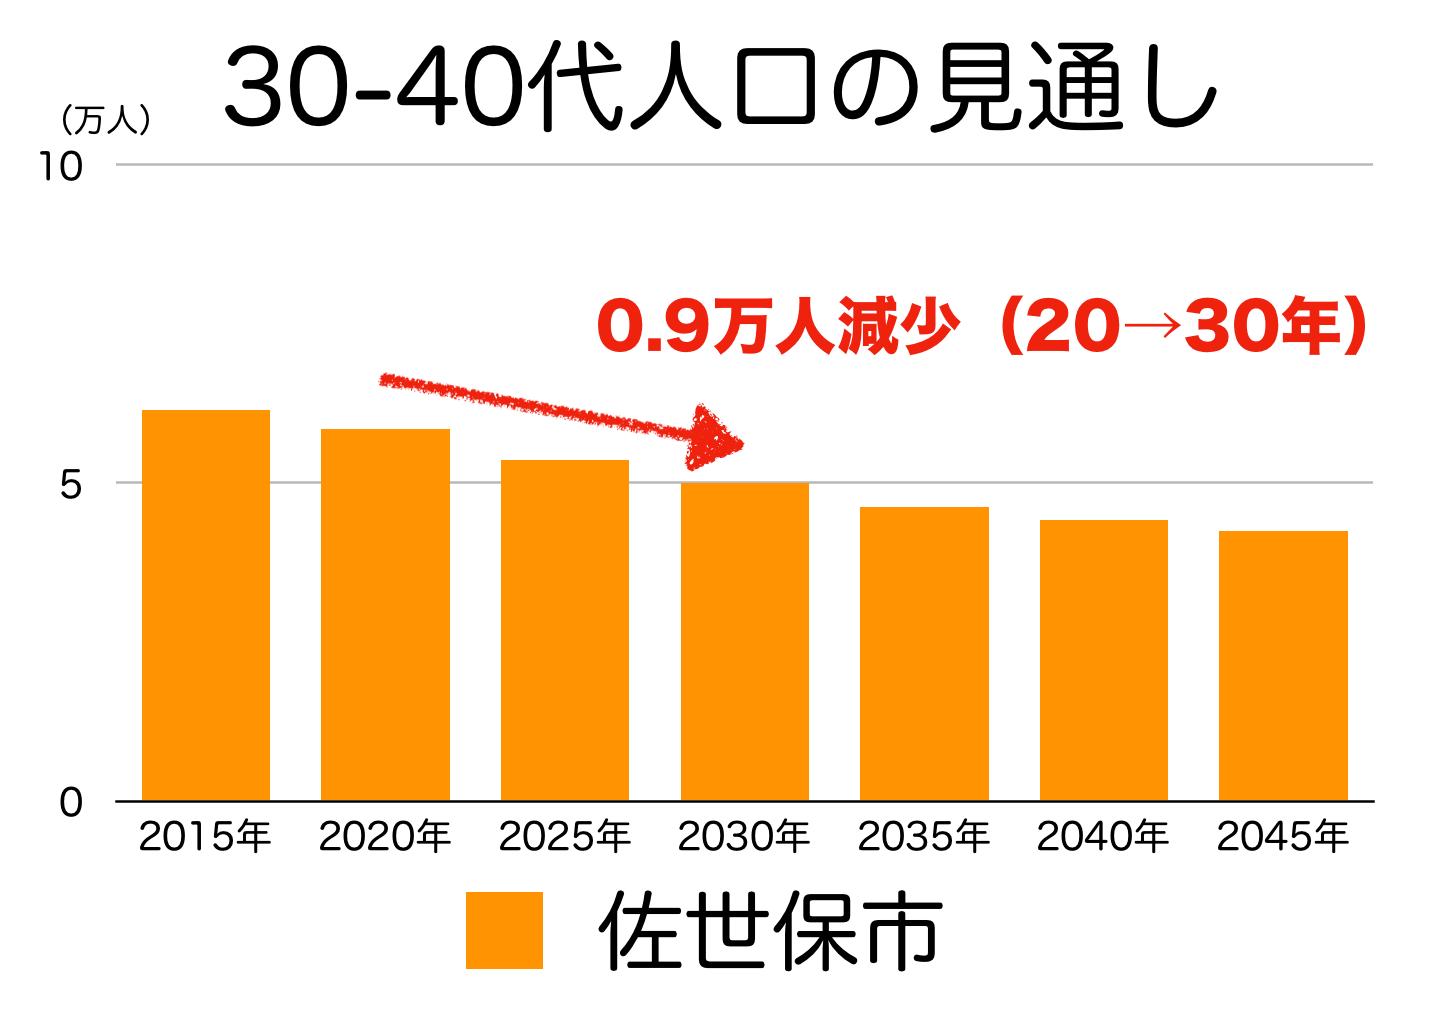 佐世保市の30〜40代人口の予測